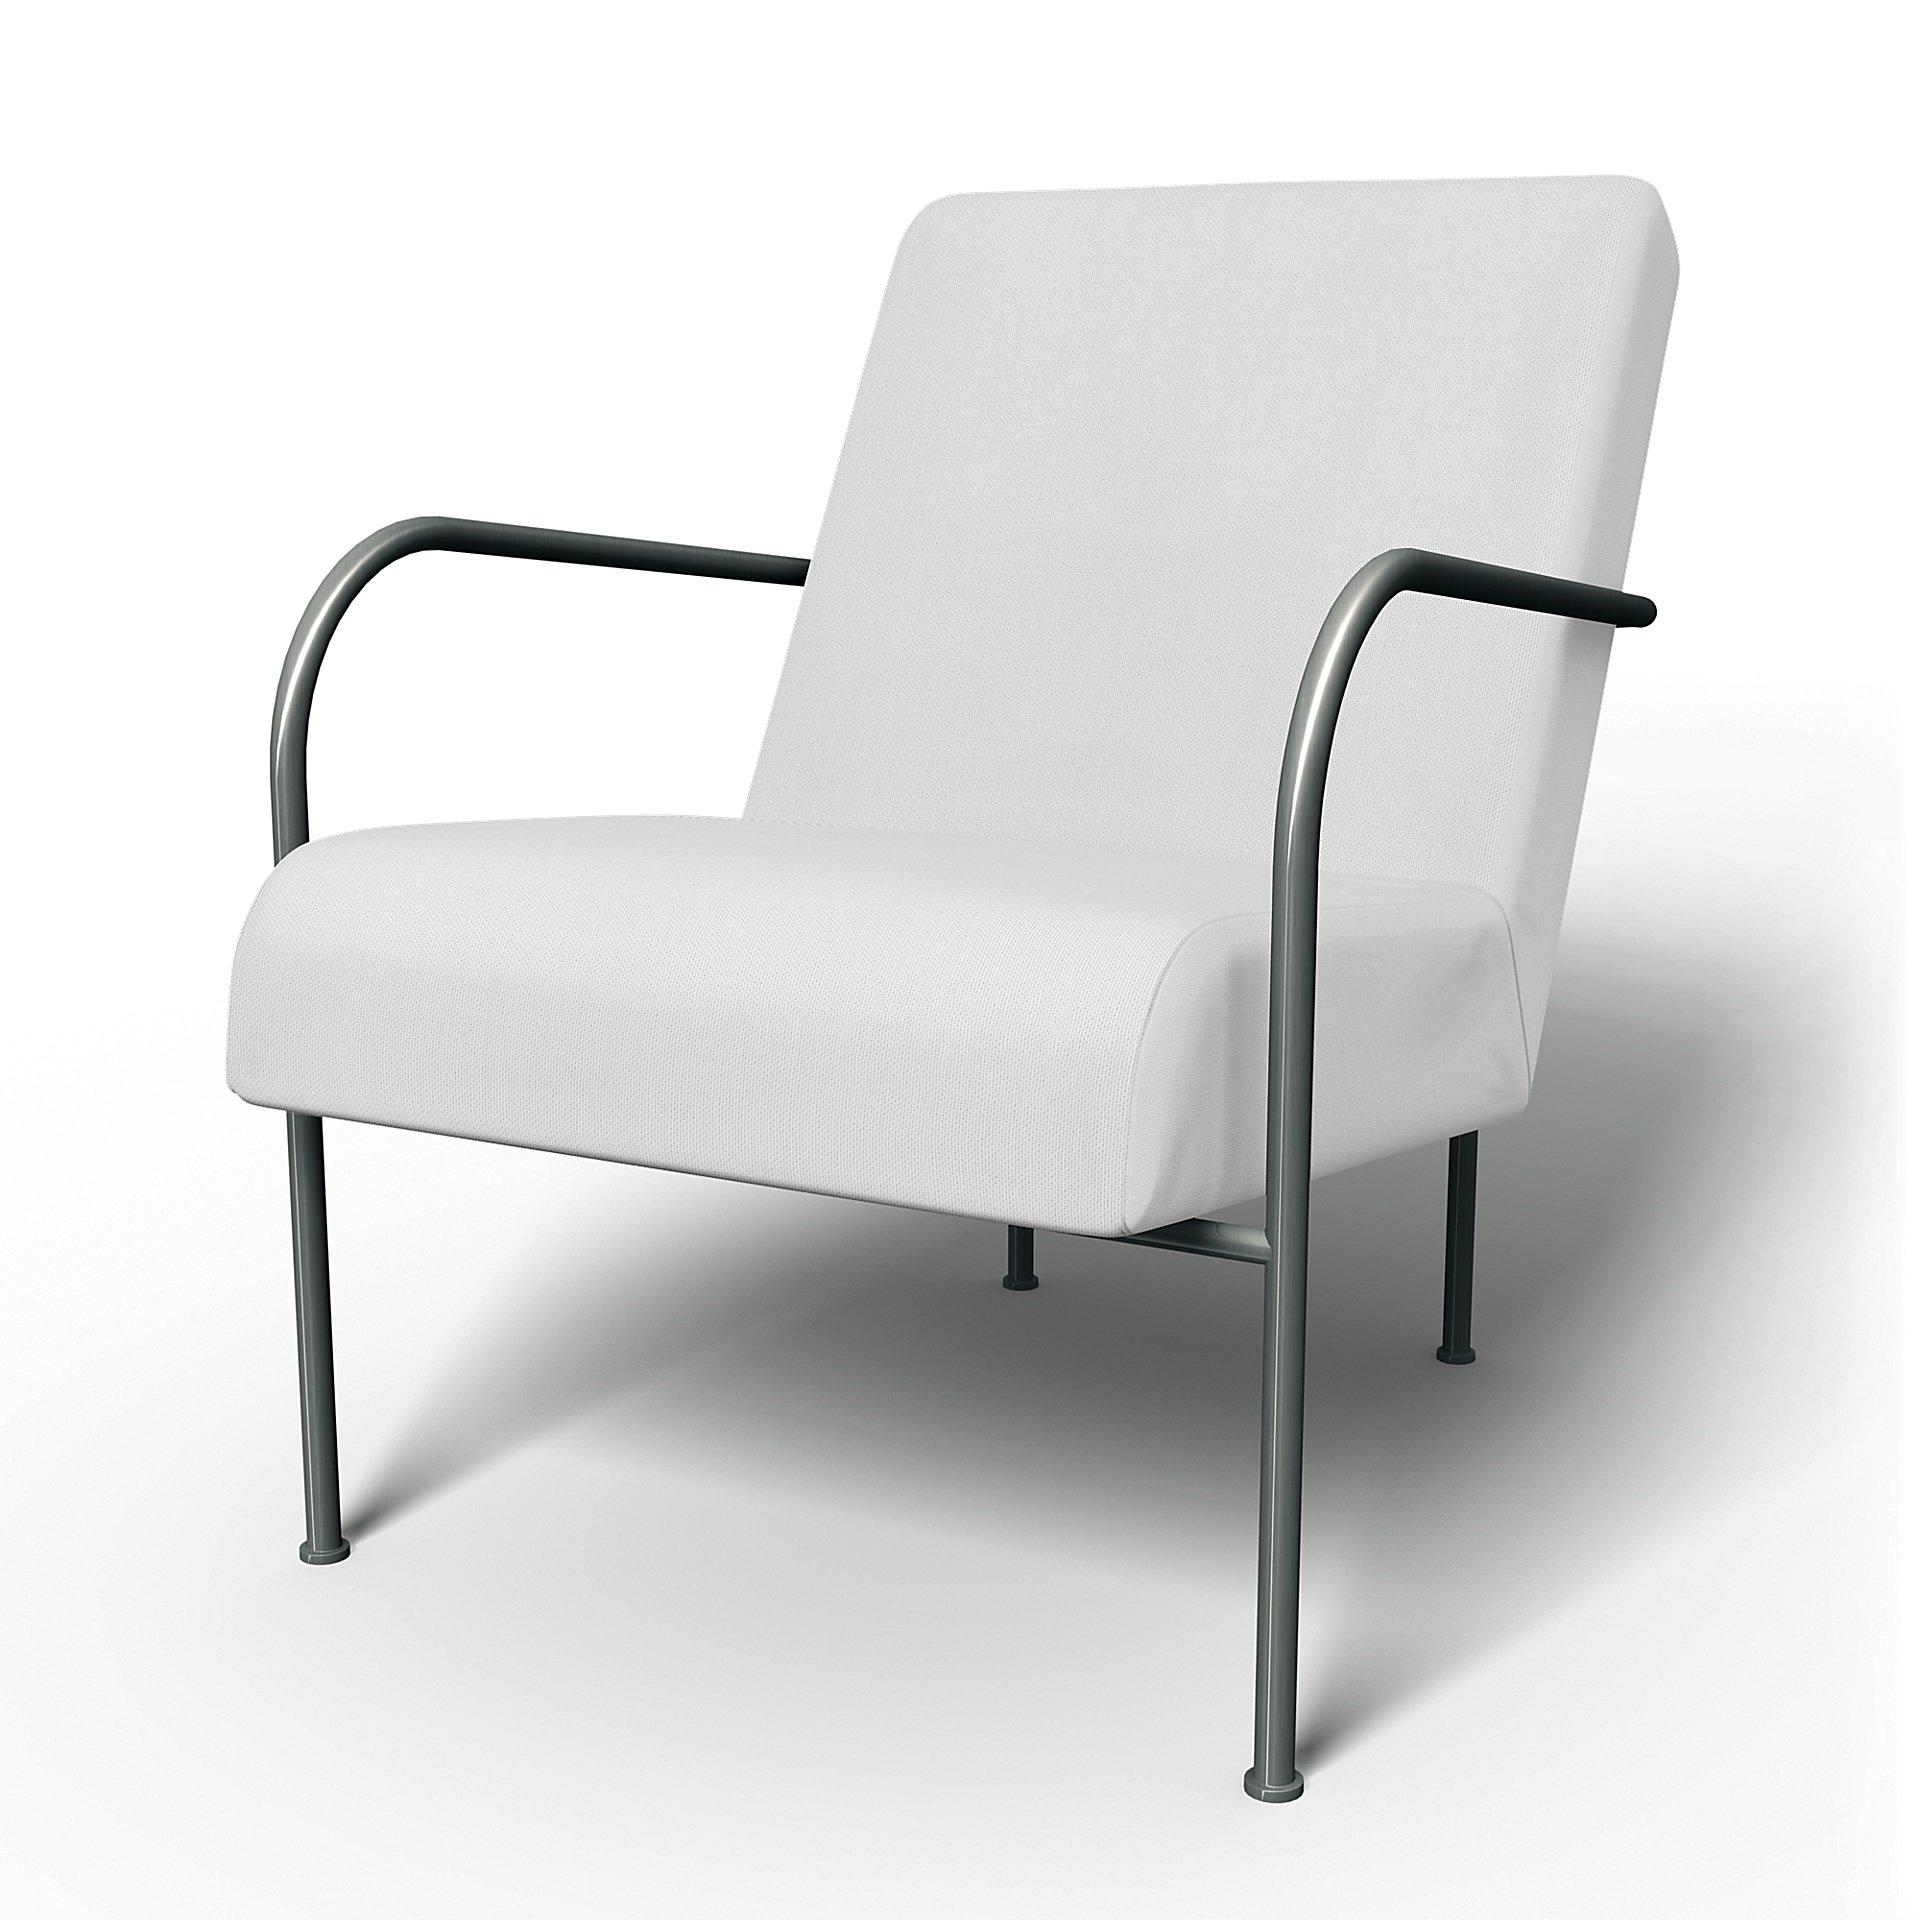 Full Size of Relaxsessel Garten Aldi Küche Ikea Kosten Lounge Sessel Modulküche Schlafzimmer Miniküche Sofa Mit Schlaffunktion Wohnzimmer Kaufen Betten 160x200 Wohnzimmer Sessel Ikea